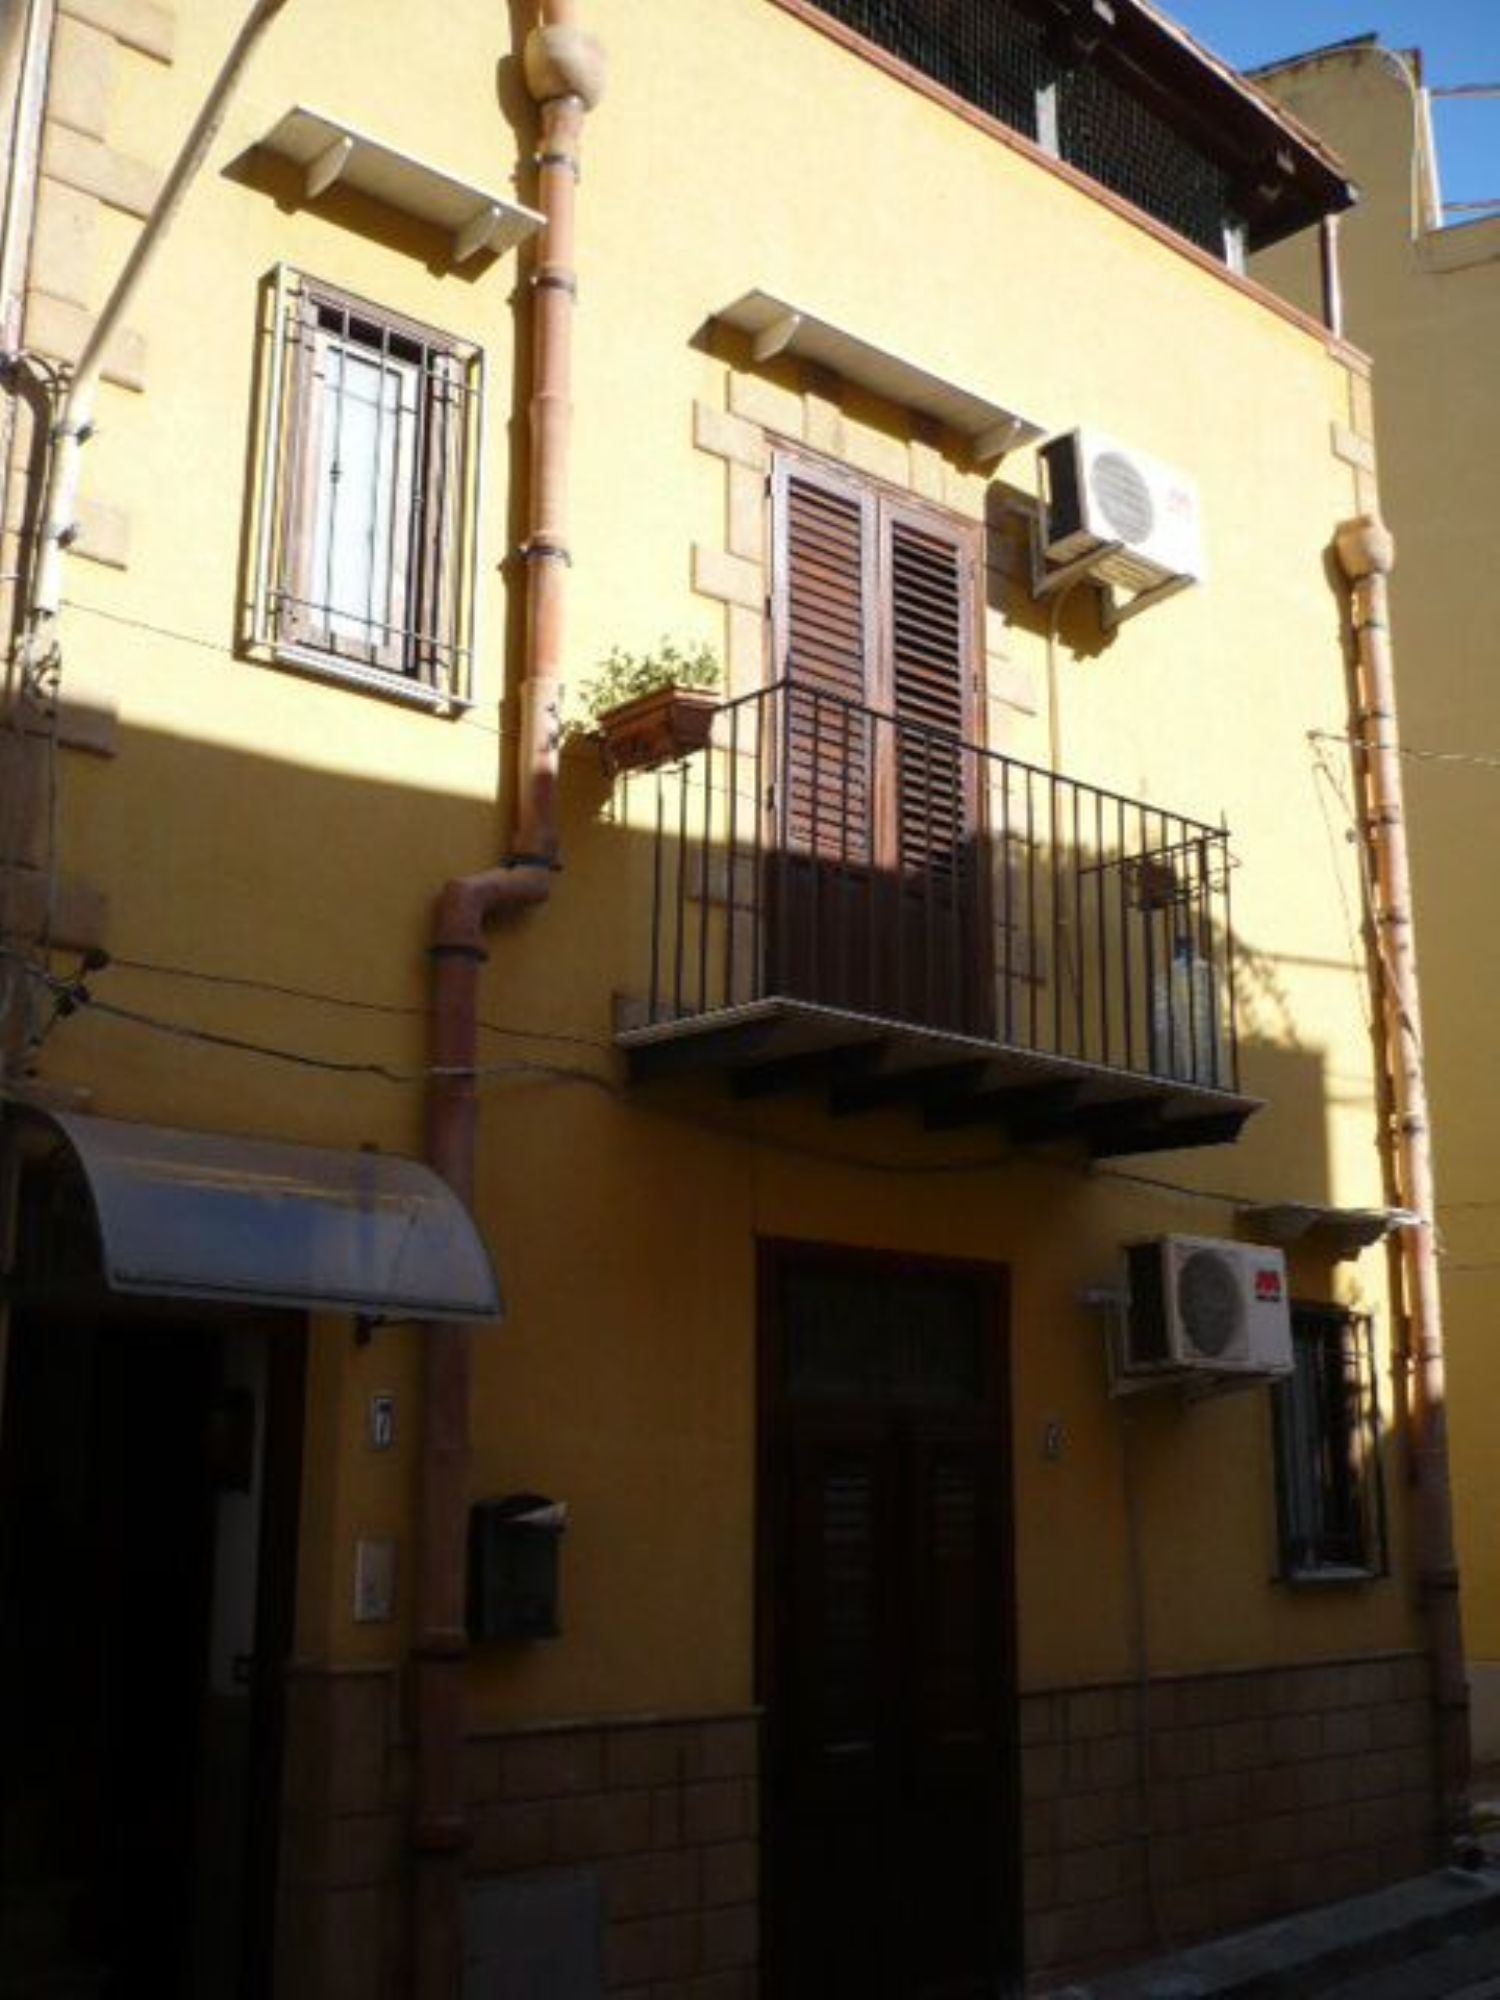 Soluzione Indipendente in affitto a Termini Imerese, 3 locali, prezzo € 400 | Cambio Casa.it